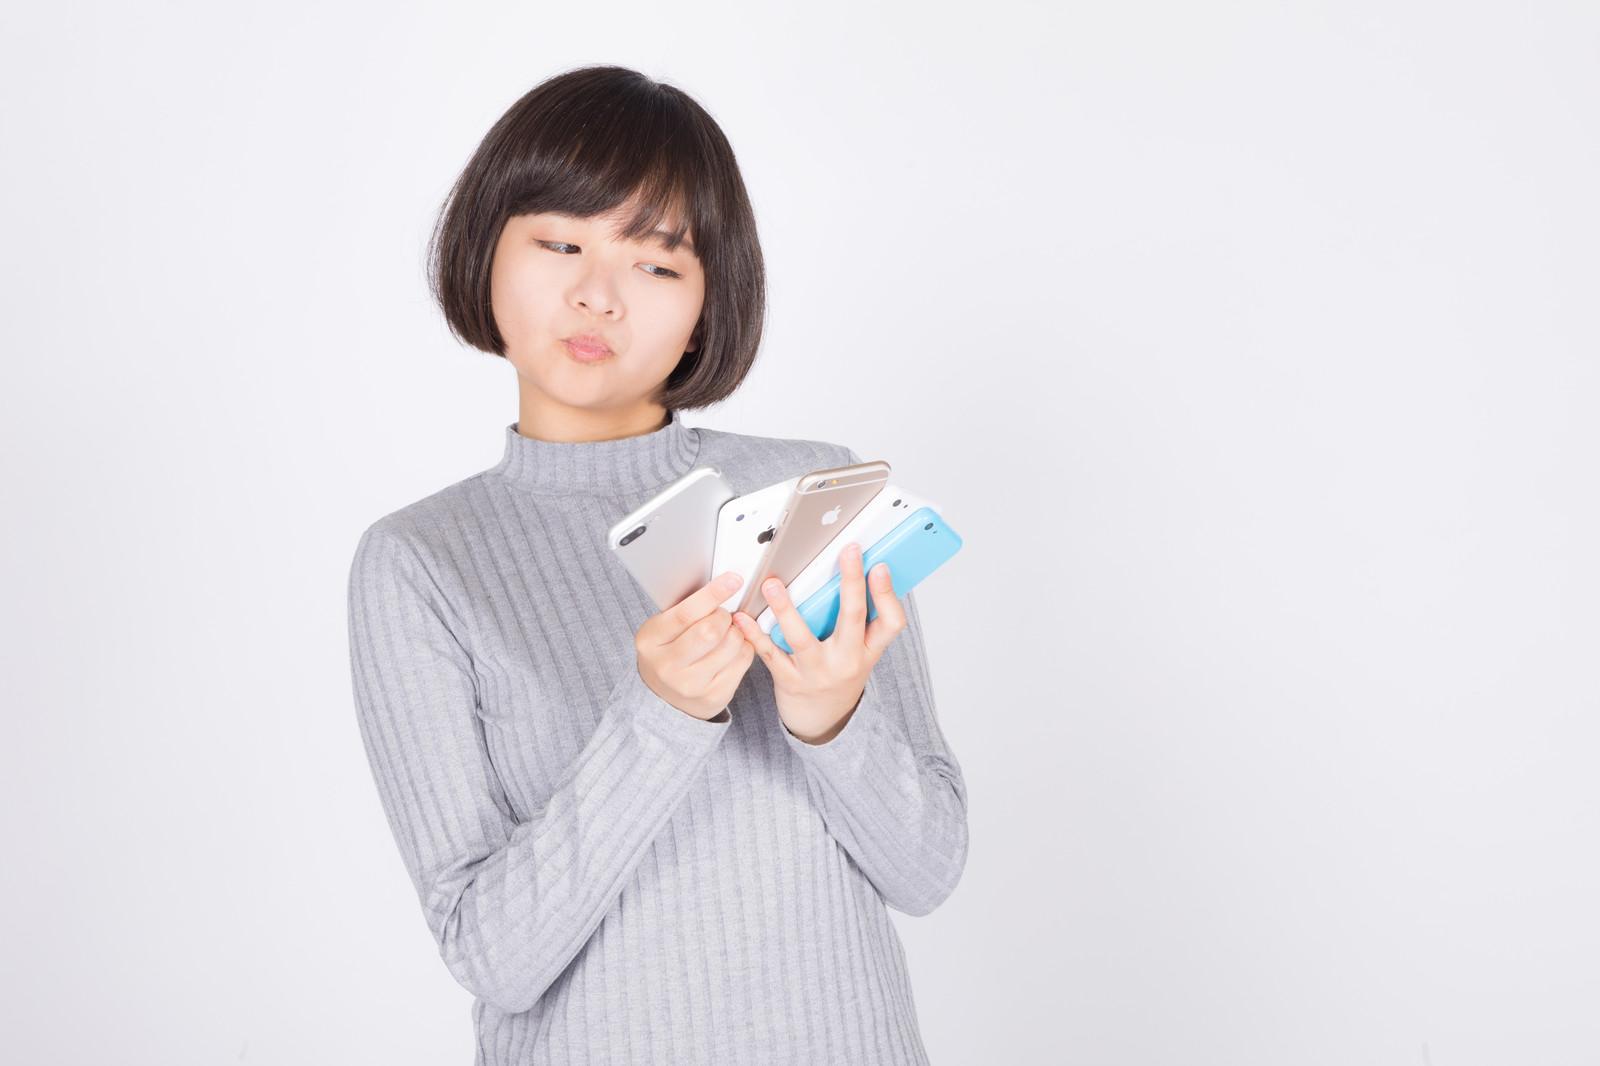 ガラケーからiPhone へのデータ移行|ドコモ・au・ソフトバンク